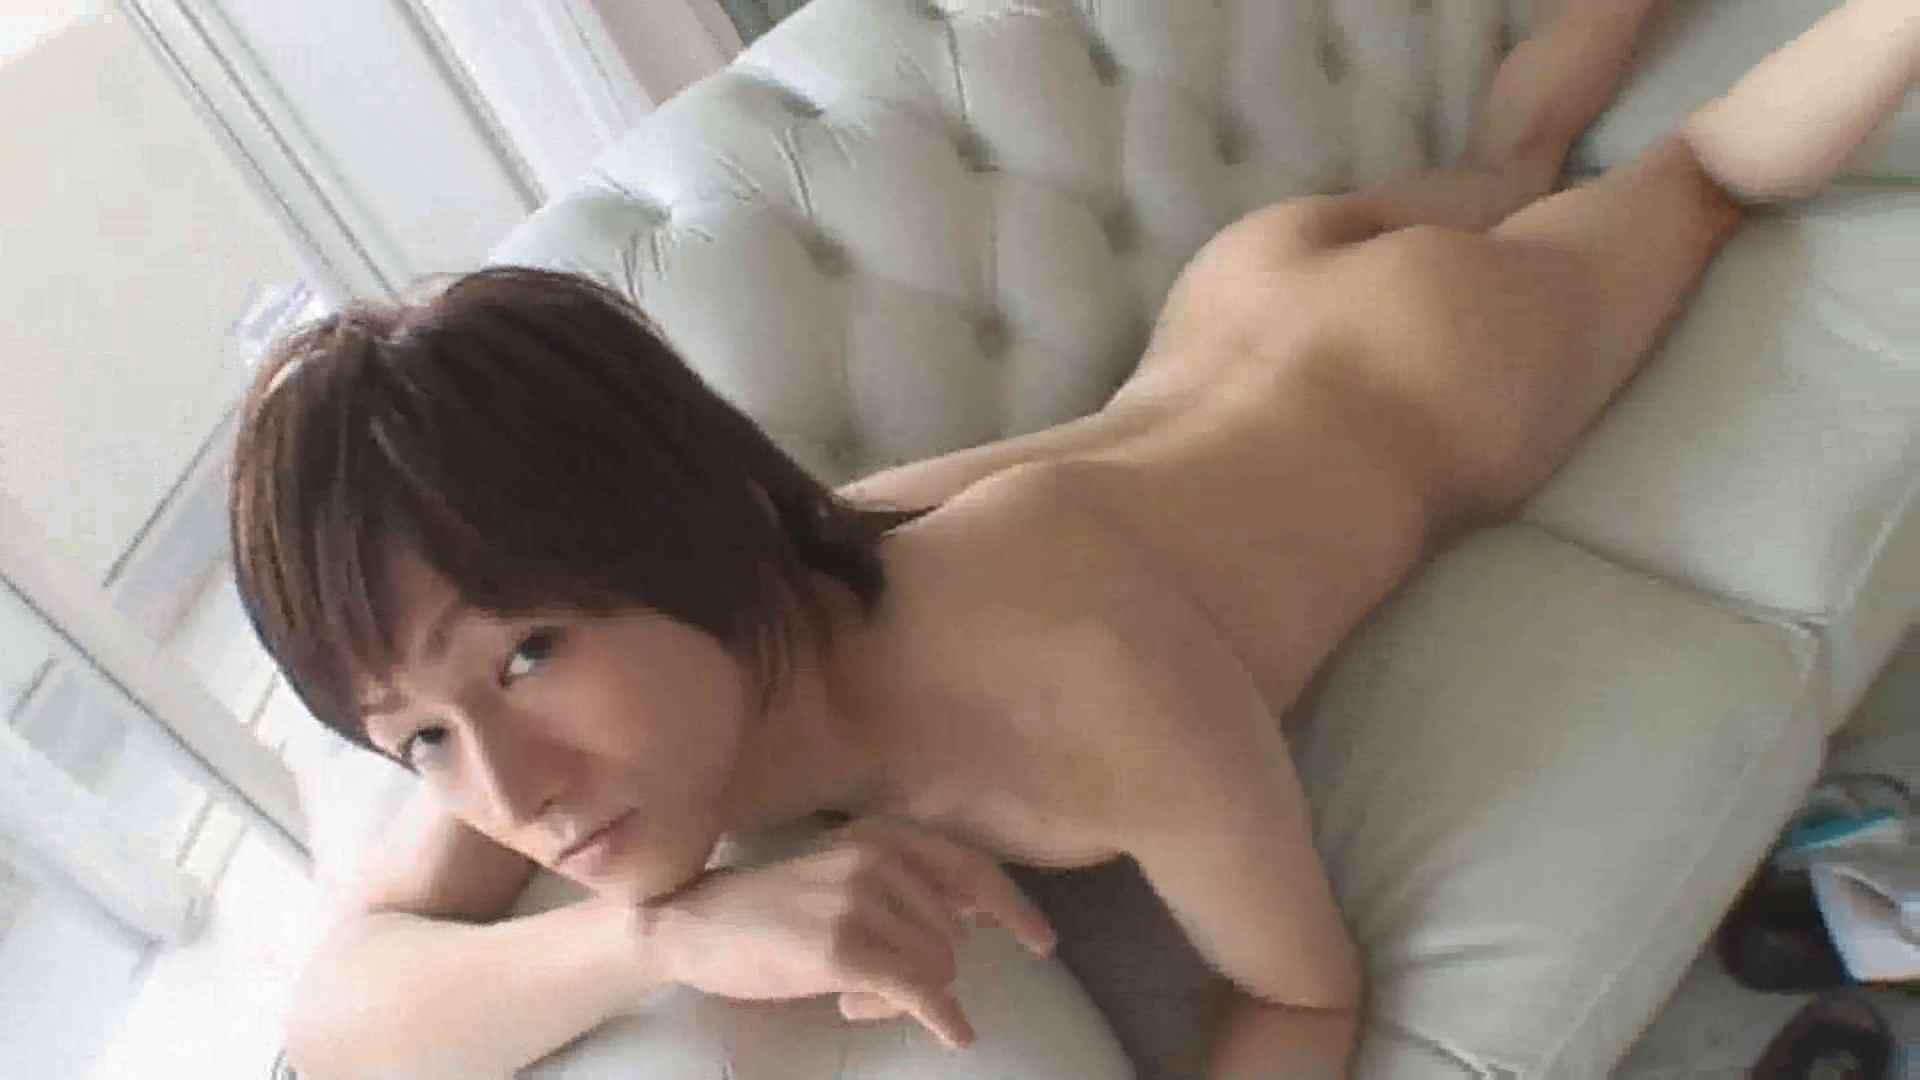 色白イケメン君のセクシーパラダイスムービーショー前編 おもちゃ ちんぽ画像 64連発 19